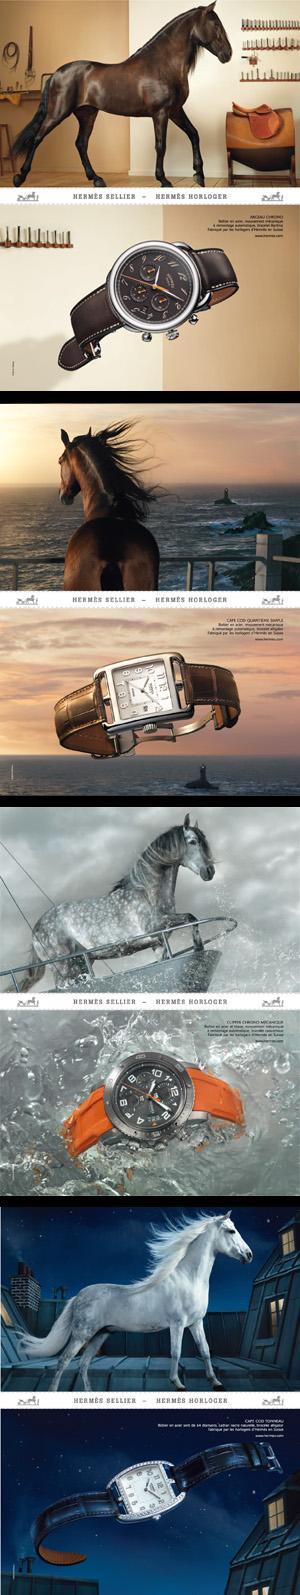 Hermès offre à ses collections horlogères une nouvelle campagne publicitaire.